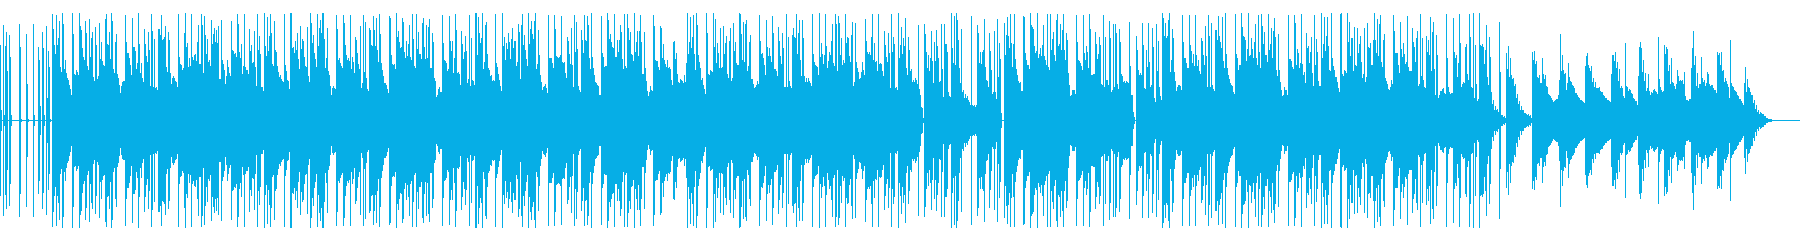 メロウでリラックスしたエレピ主体の曲の再生済みの波形